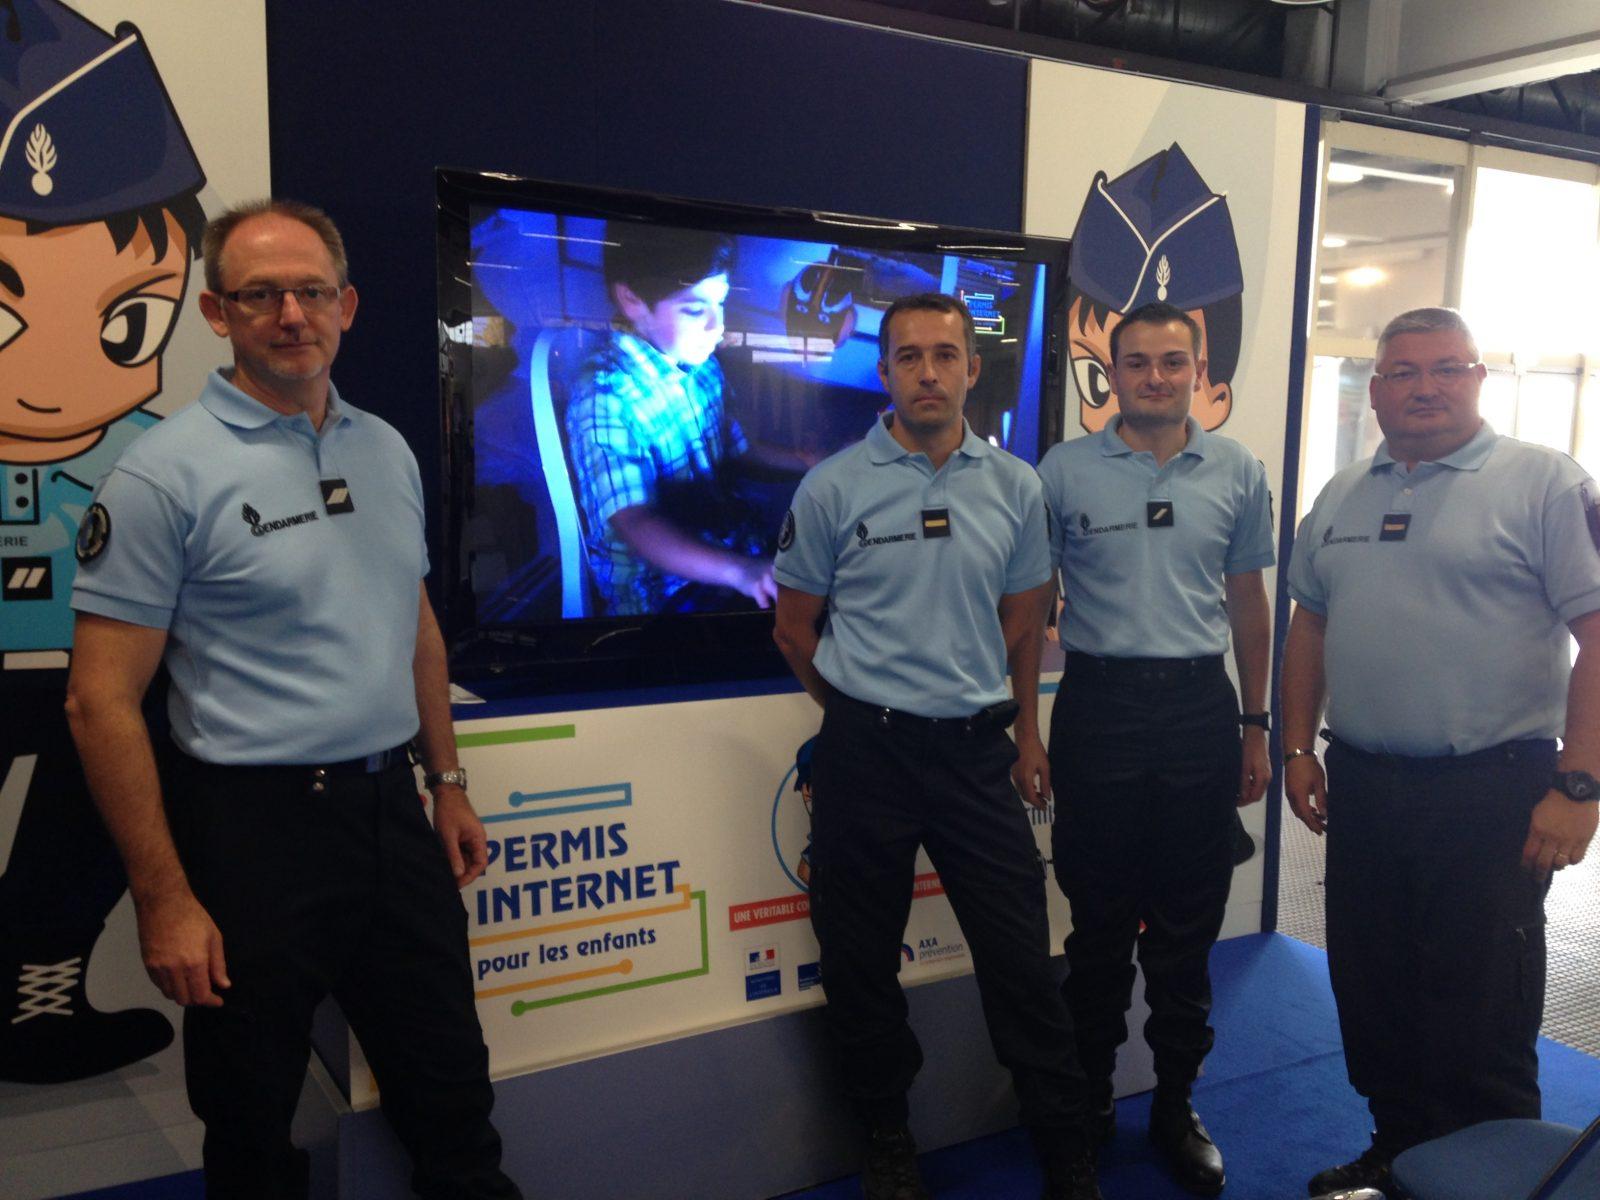 FIM 2014 : la Gendarmerie Nationale fait passer le «Permis Internet»